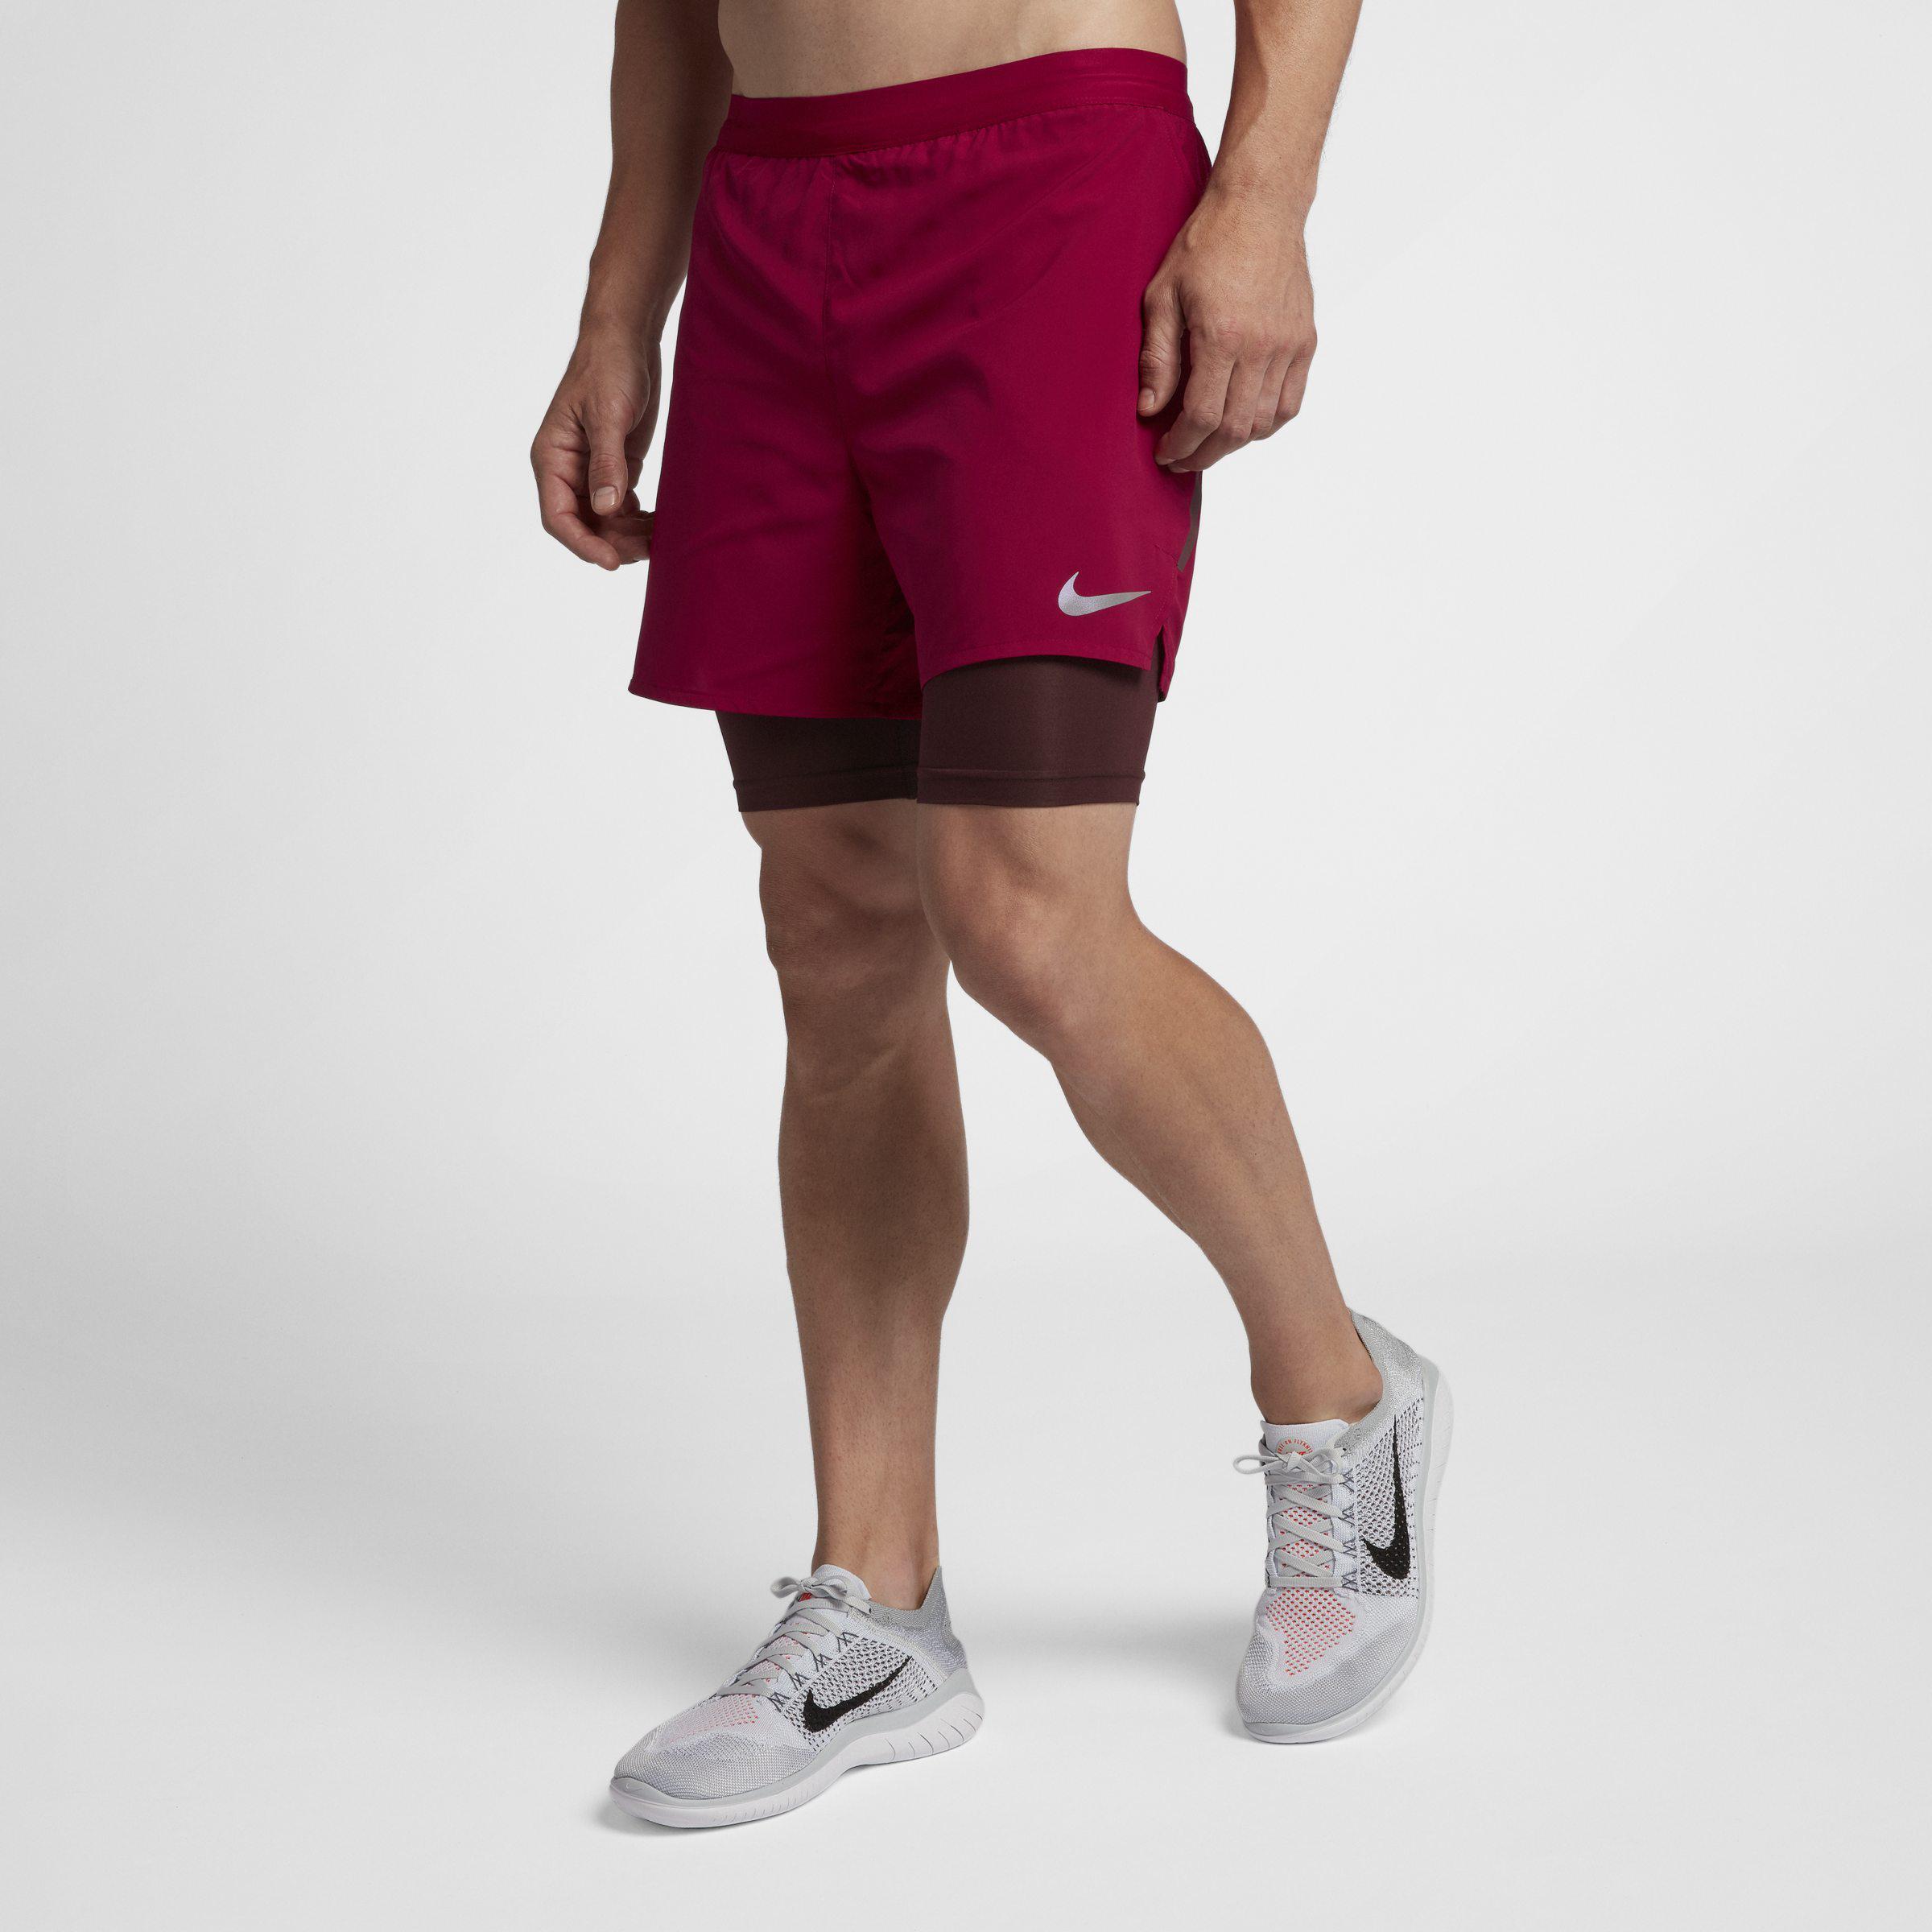 b16815803eb1 Nike Flex Stride 2-in-1 Men s 5